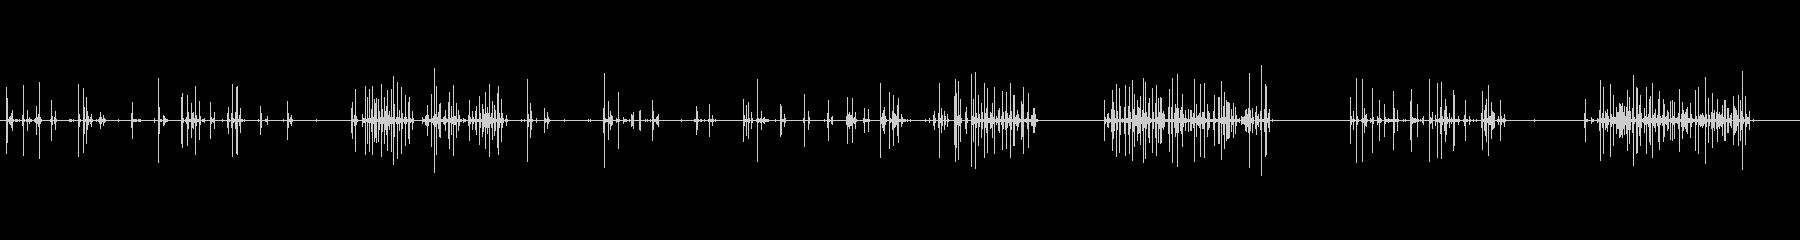 コンピューターのキーボード、タイピ...の未再生の波形